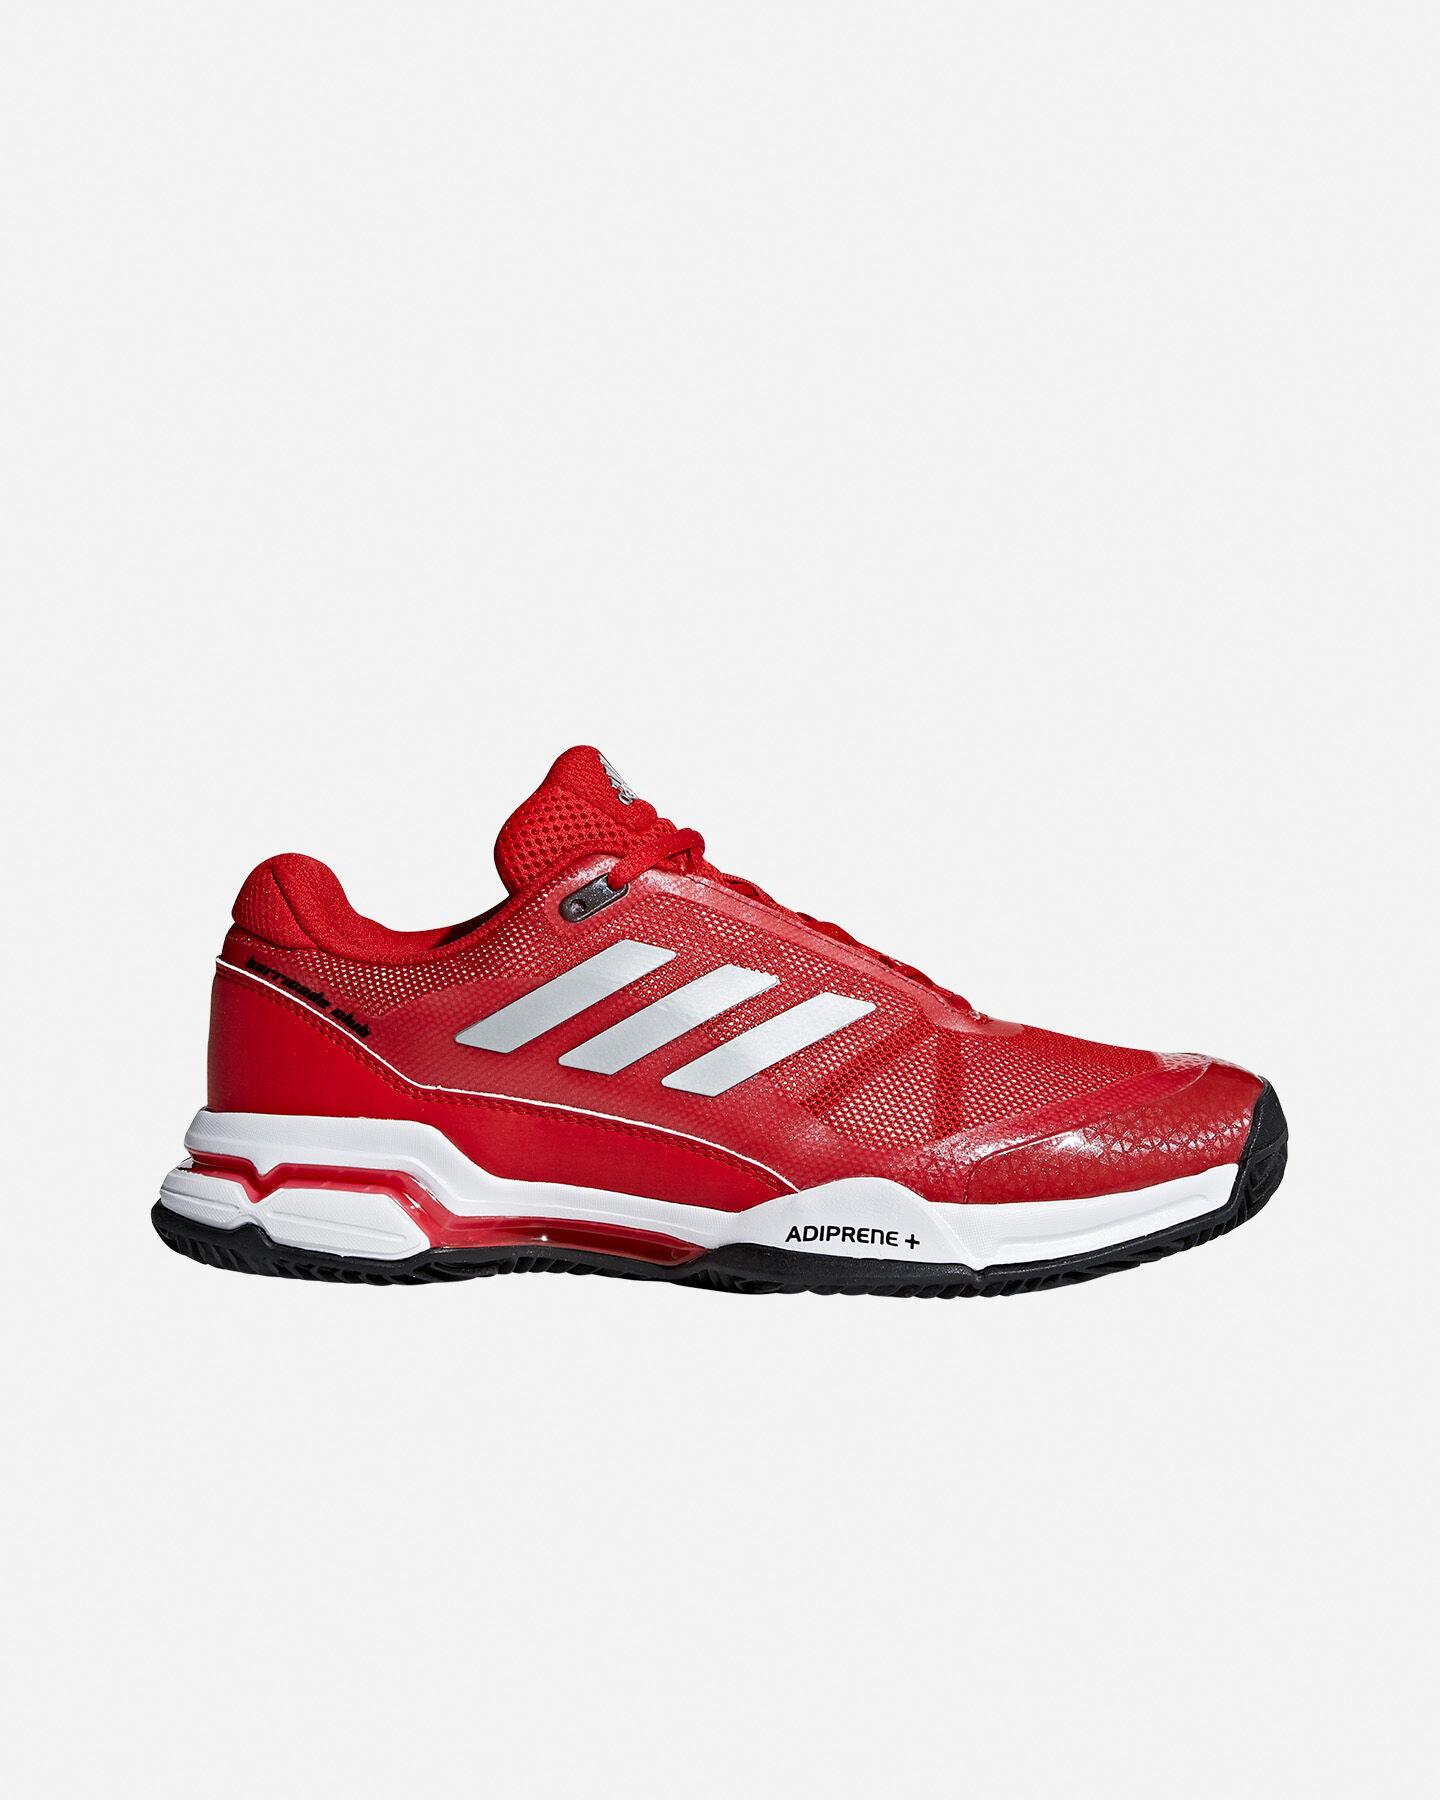 scarpe tennis adidas barricade club